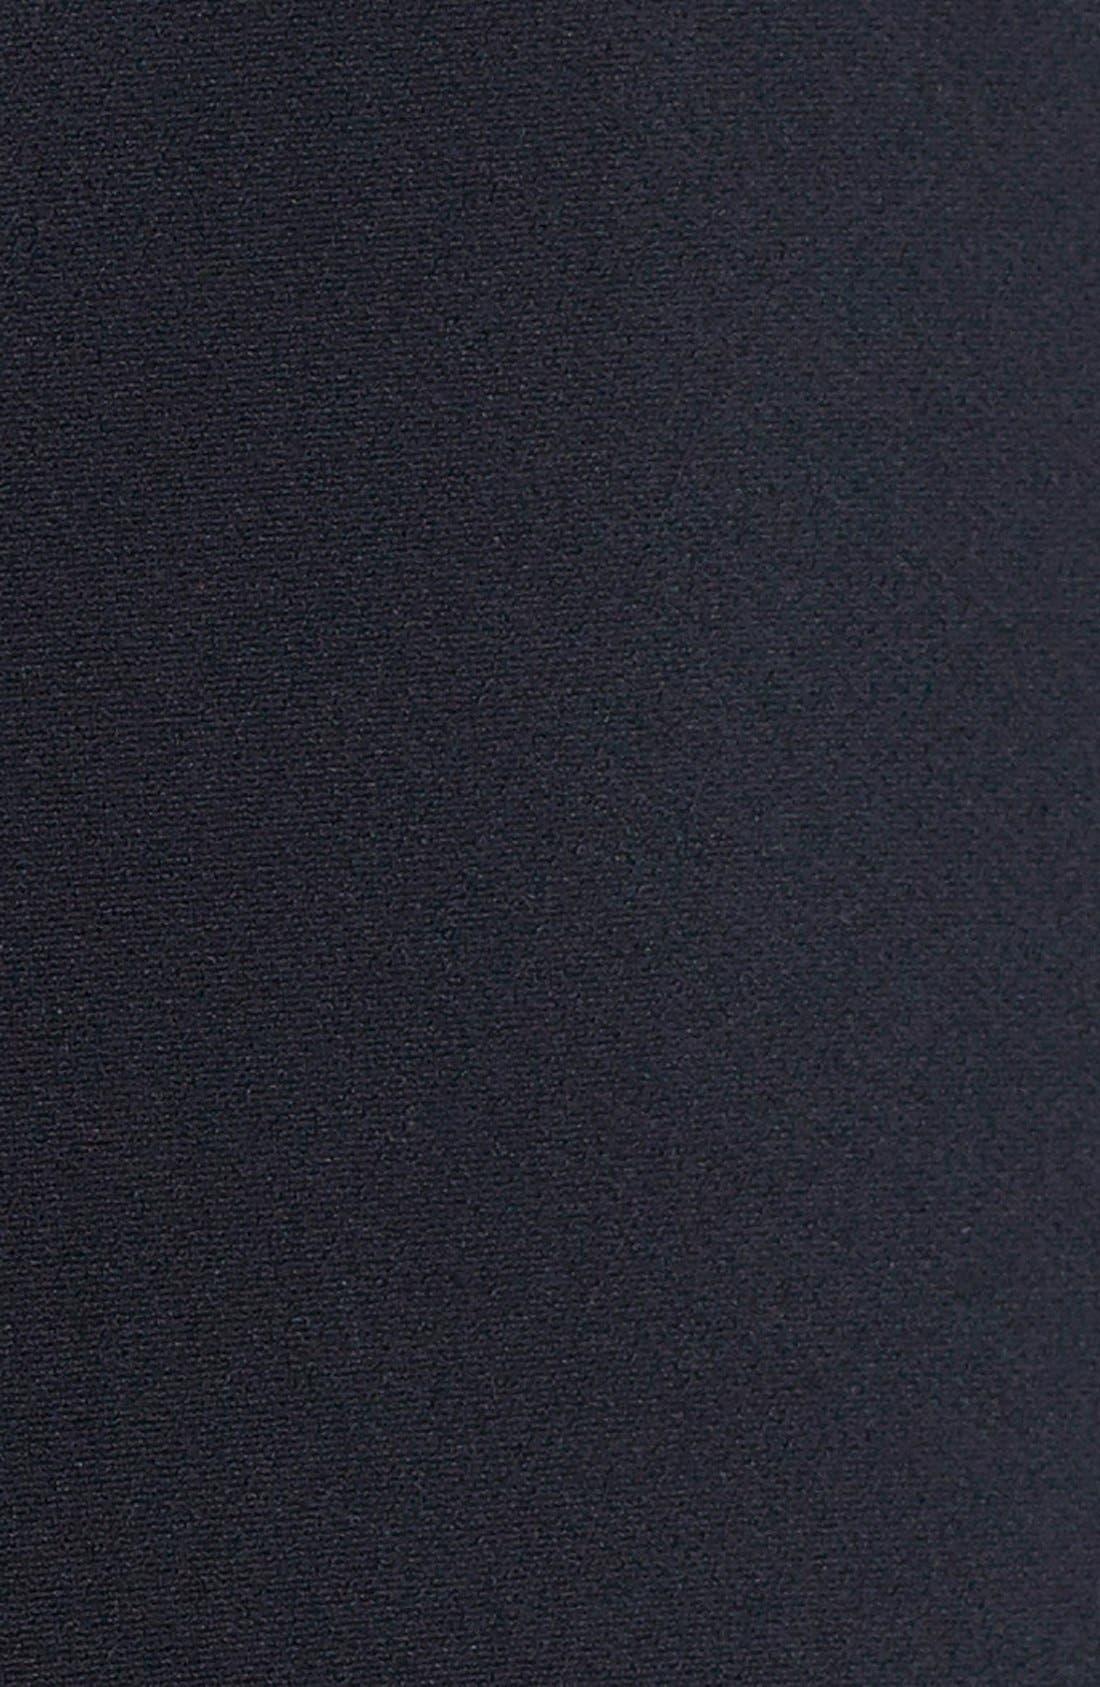 Alternate Image 3  - Dolce&Gabbana V-Neck Cady Sheath Dress